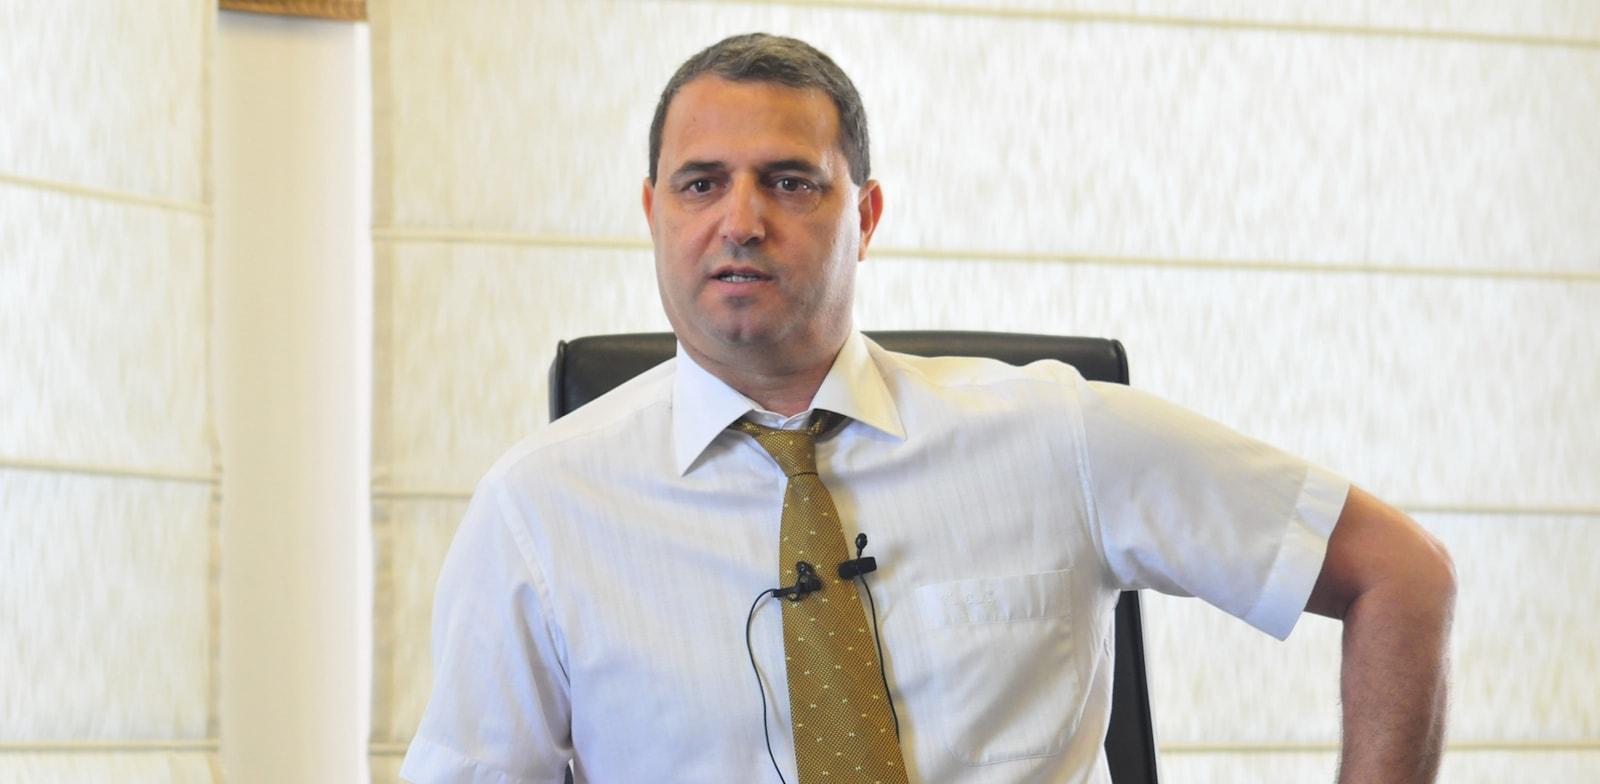 אלי אלעזרא / צילום: תמר מצפי